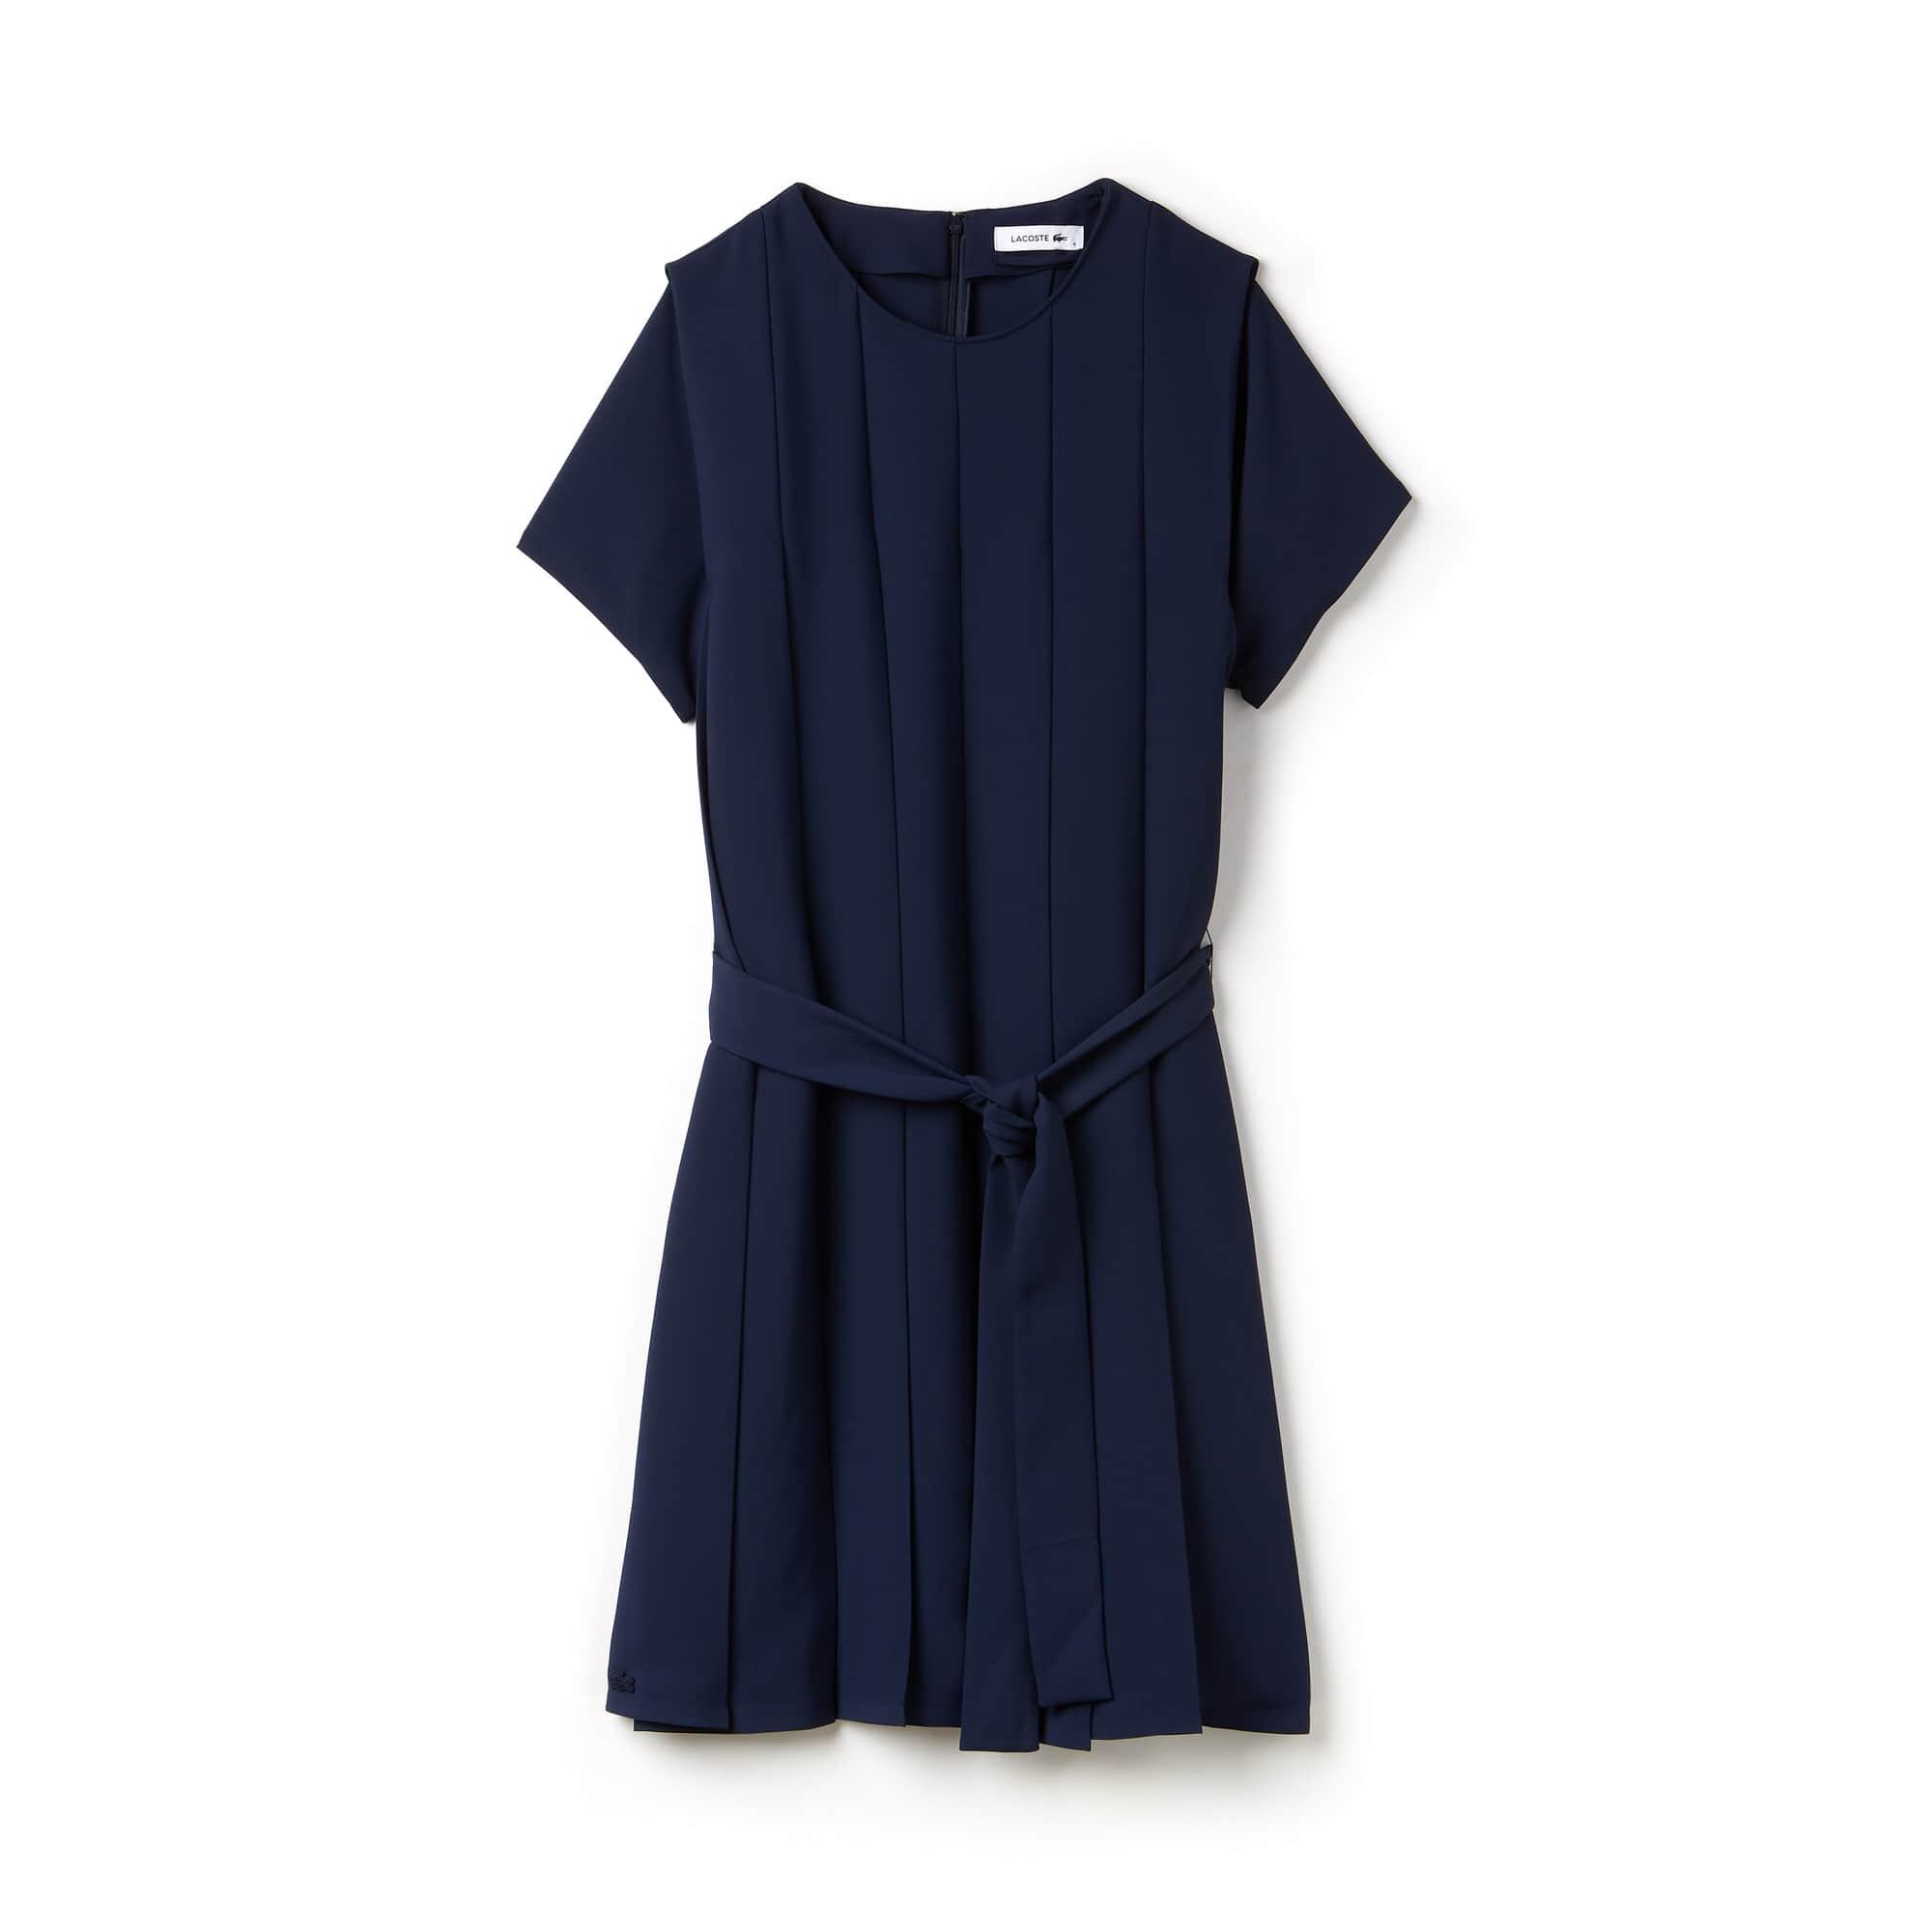 Damen-Kleid aus Krepp mit Faltenlegung